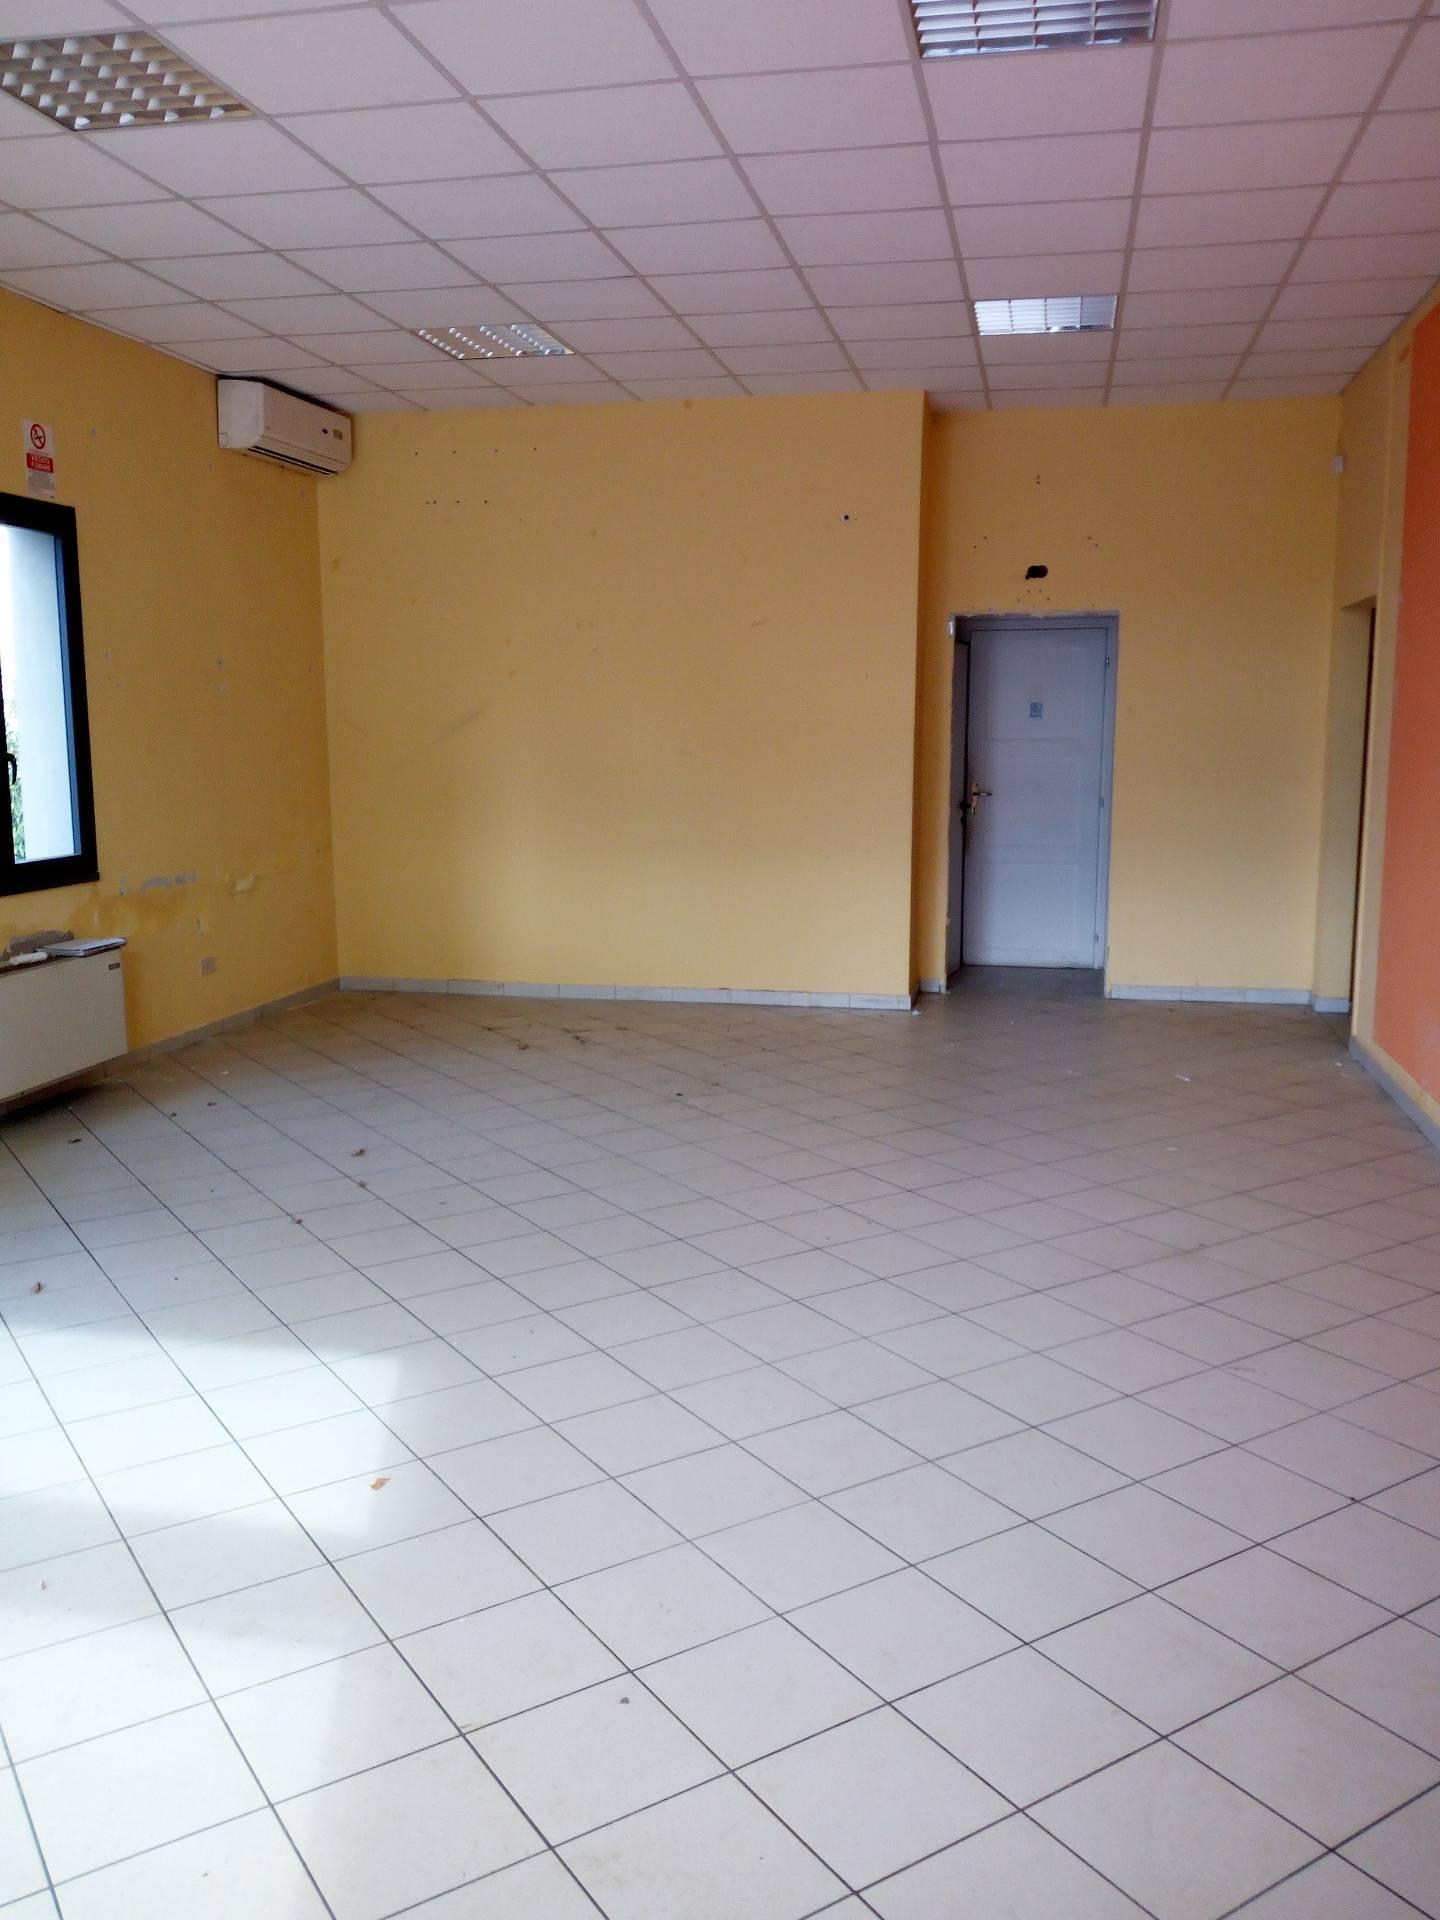 Attività / Licenza in affitto a Montelupo Fiorentino, 9999 locali, zona Zona: Fibbiana, prezzo € 2.300 | Cambio Casa.it